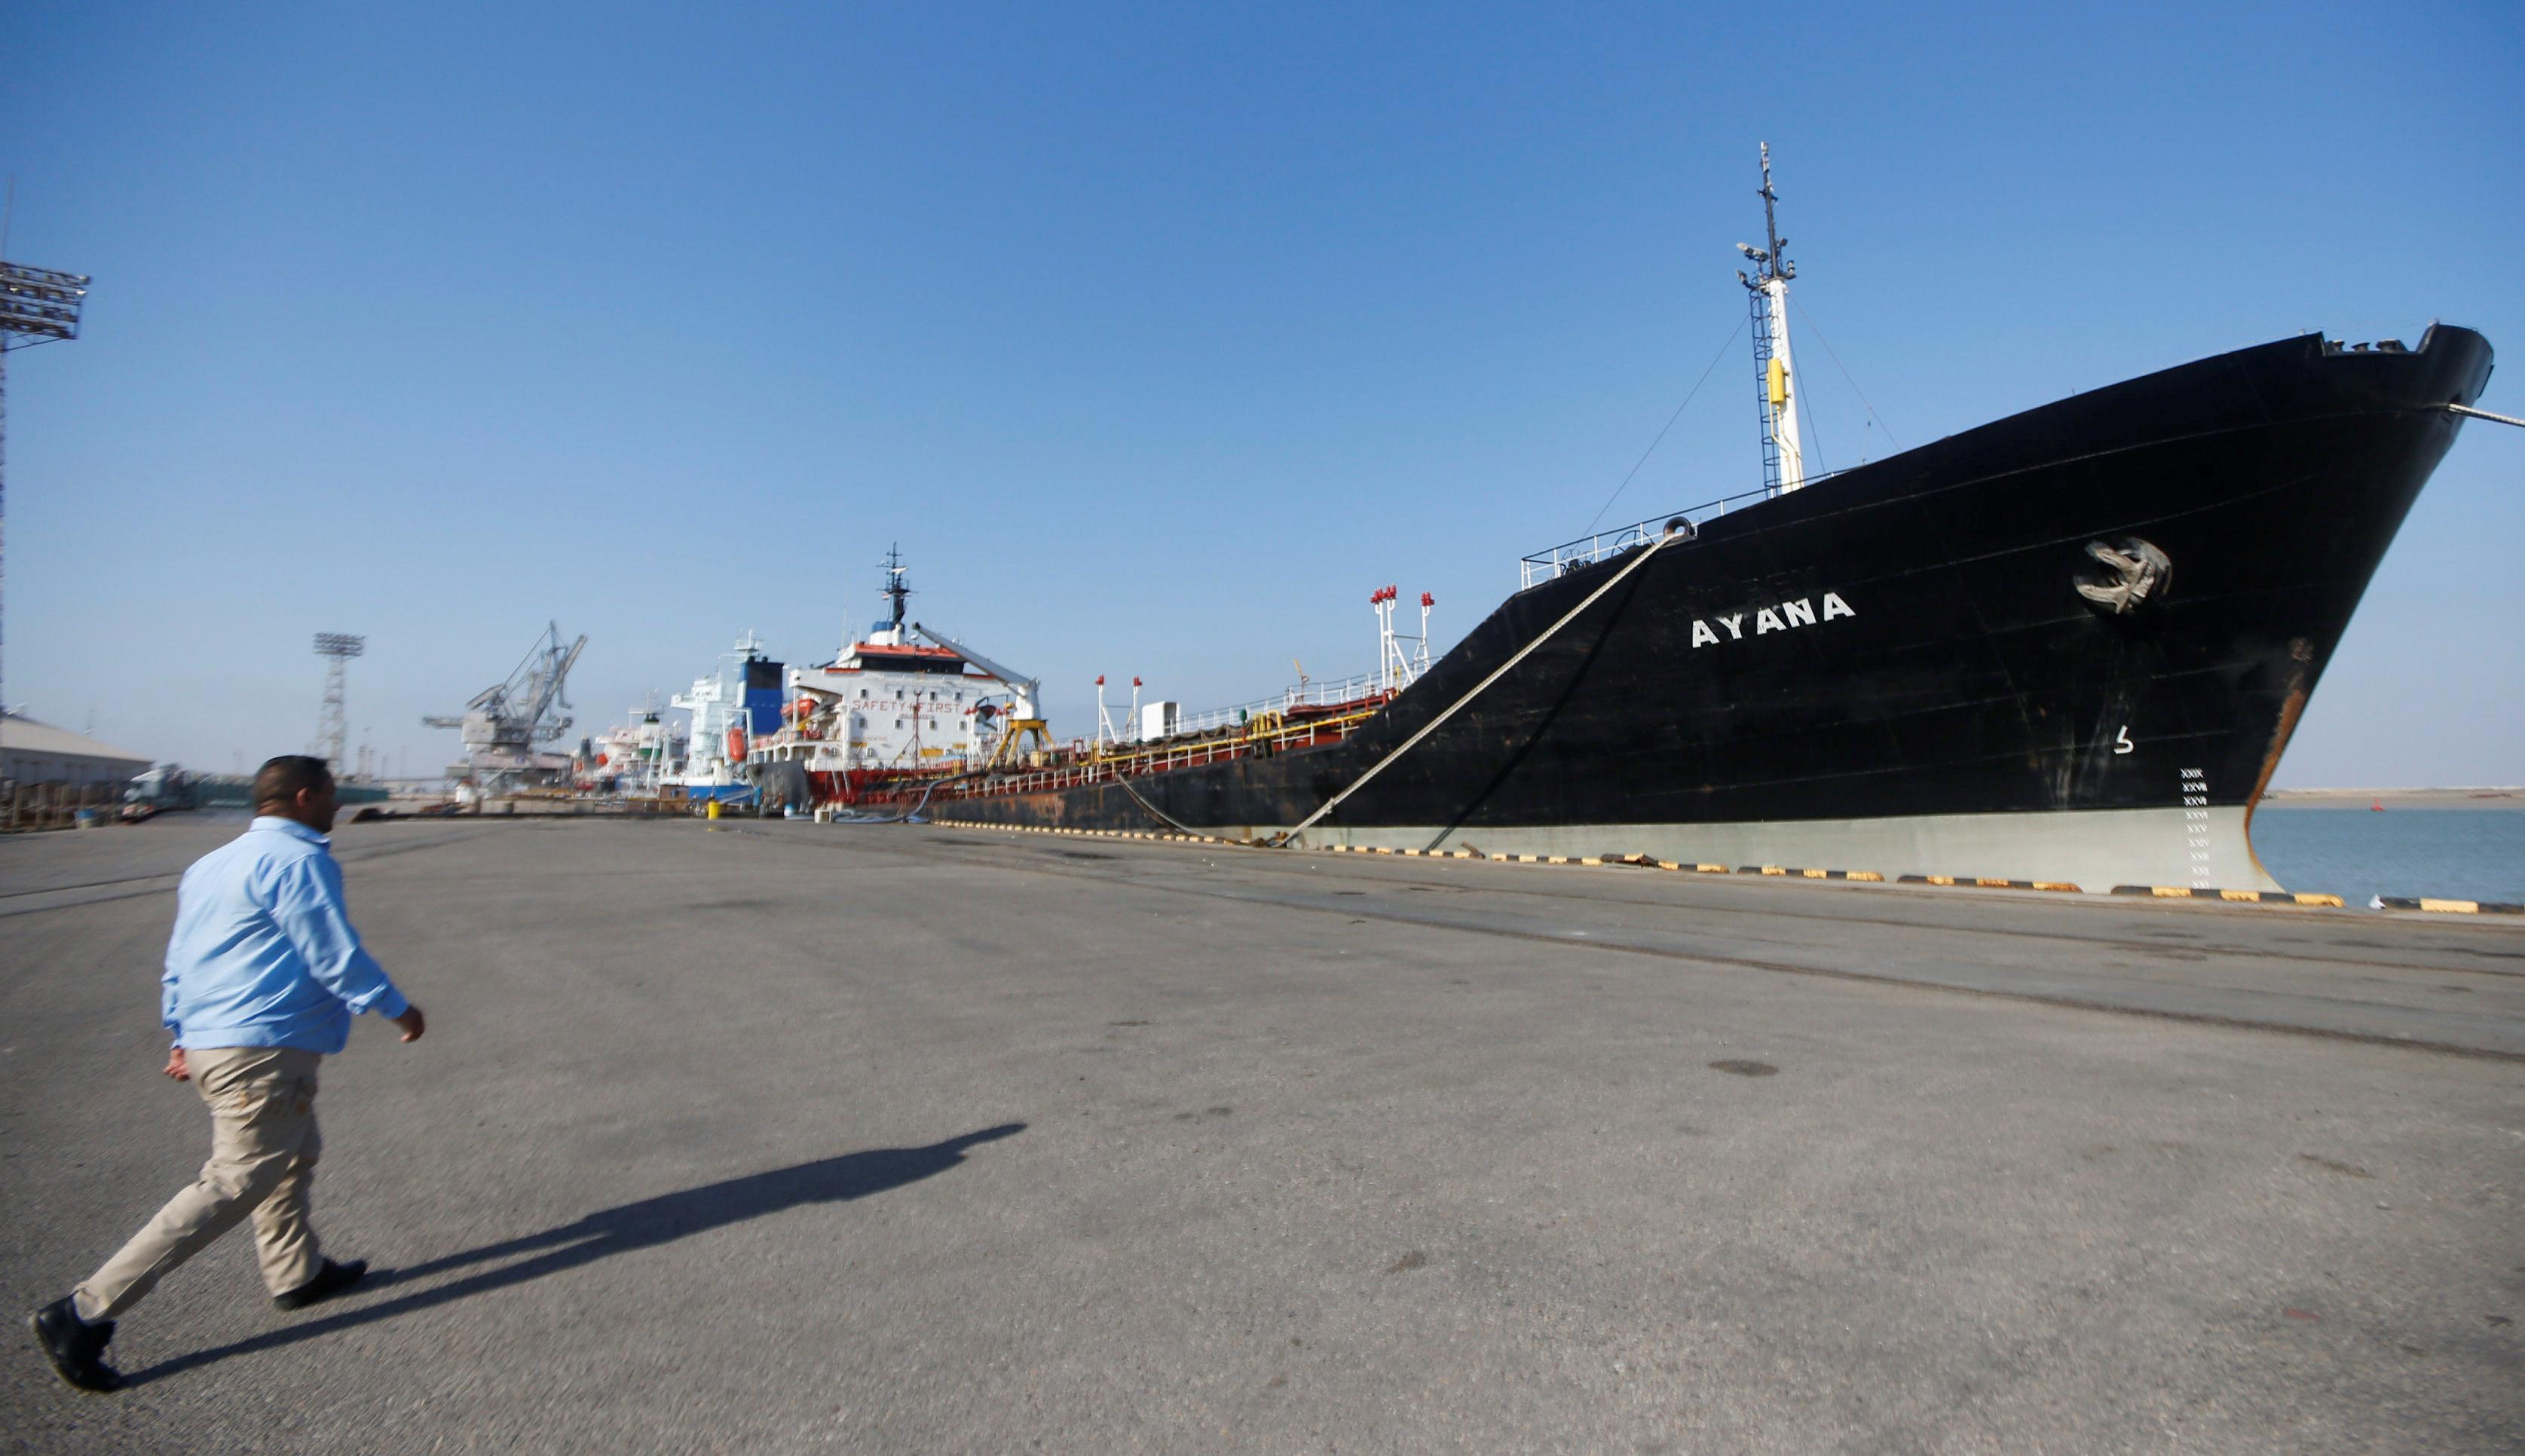 Iraqi protesters block gate to Khor al-Zubair port - port officials